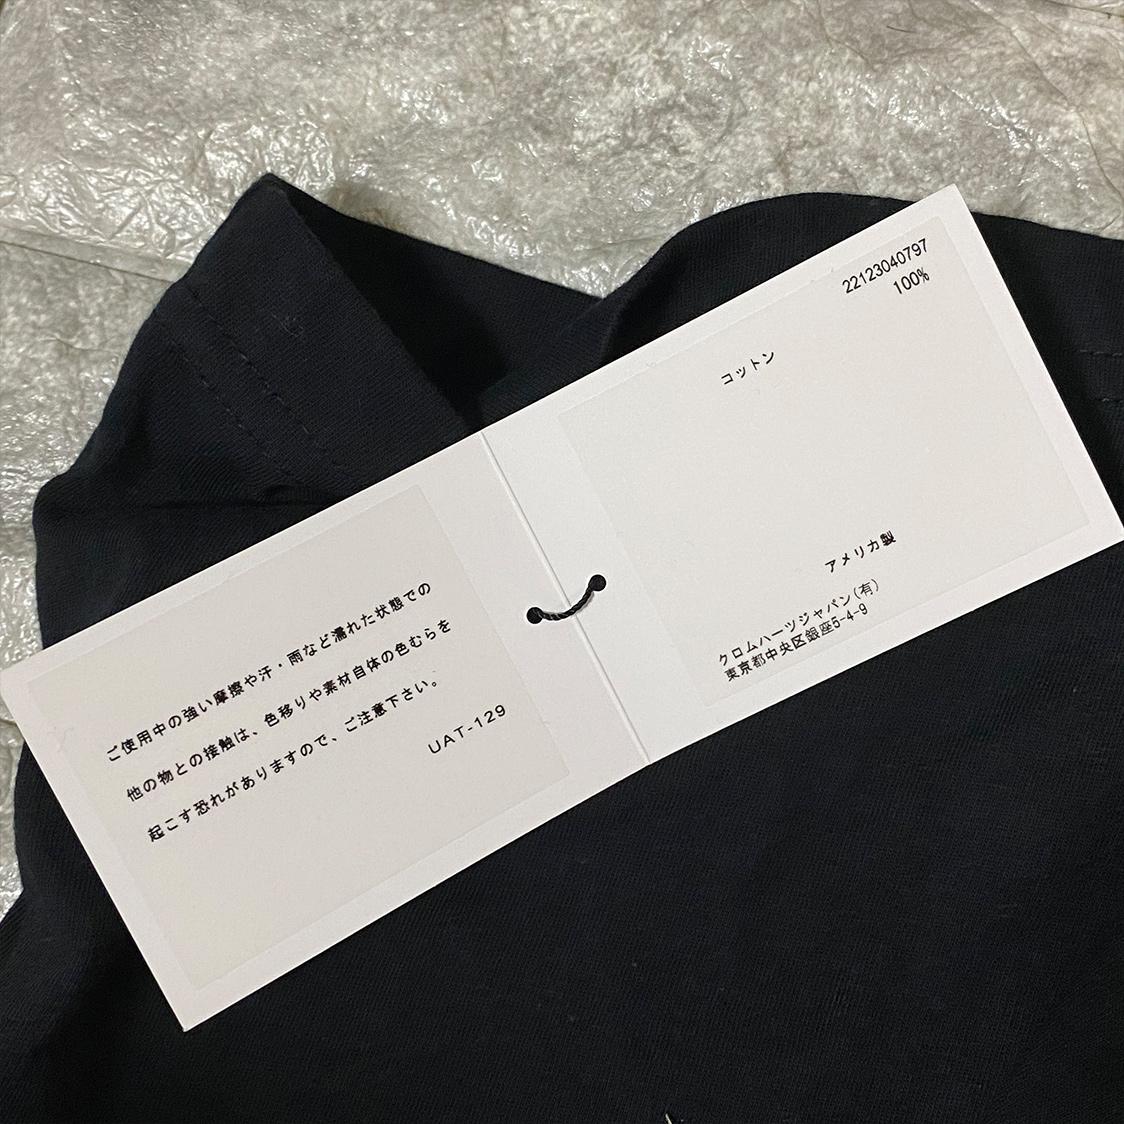 新品 クロムハーツ CHROMEHEARTS【Lサイズ】 マルチカラー CHクロス プリント ポケット付き Tシャツ 半袖 黒